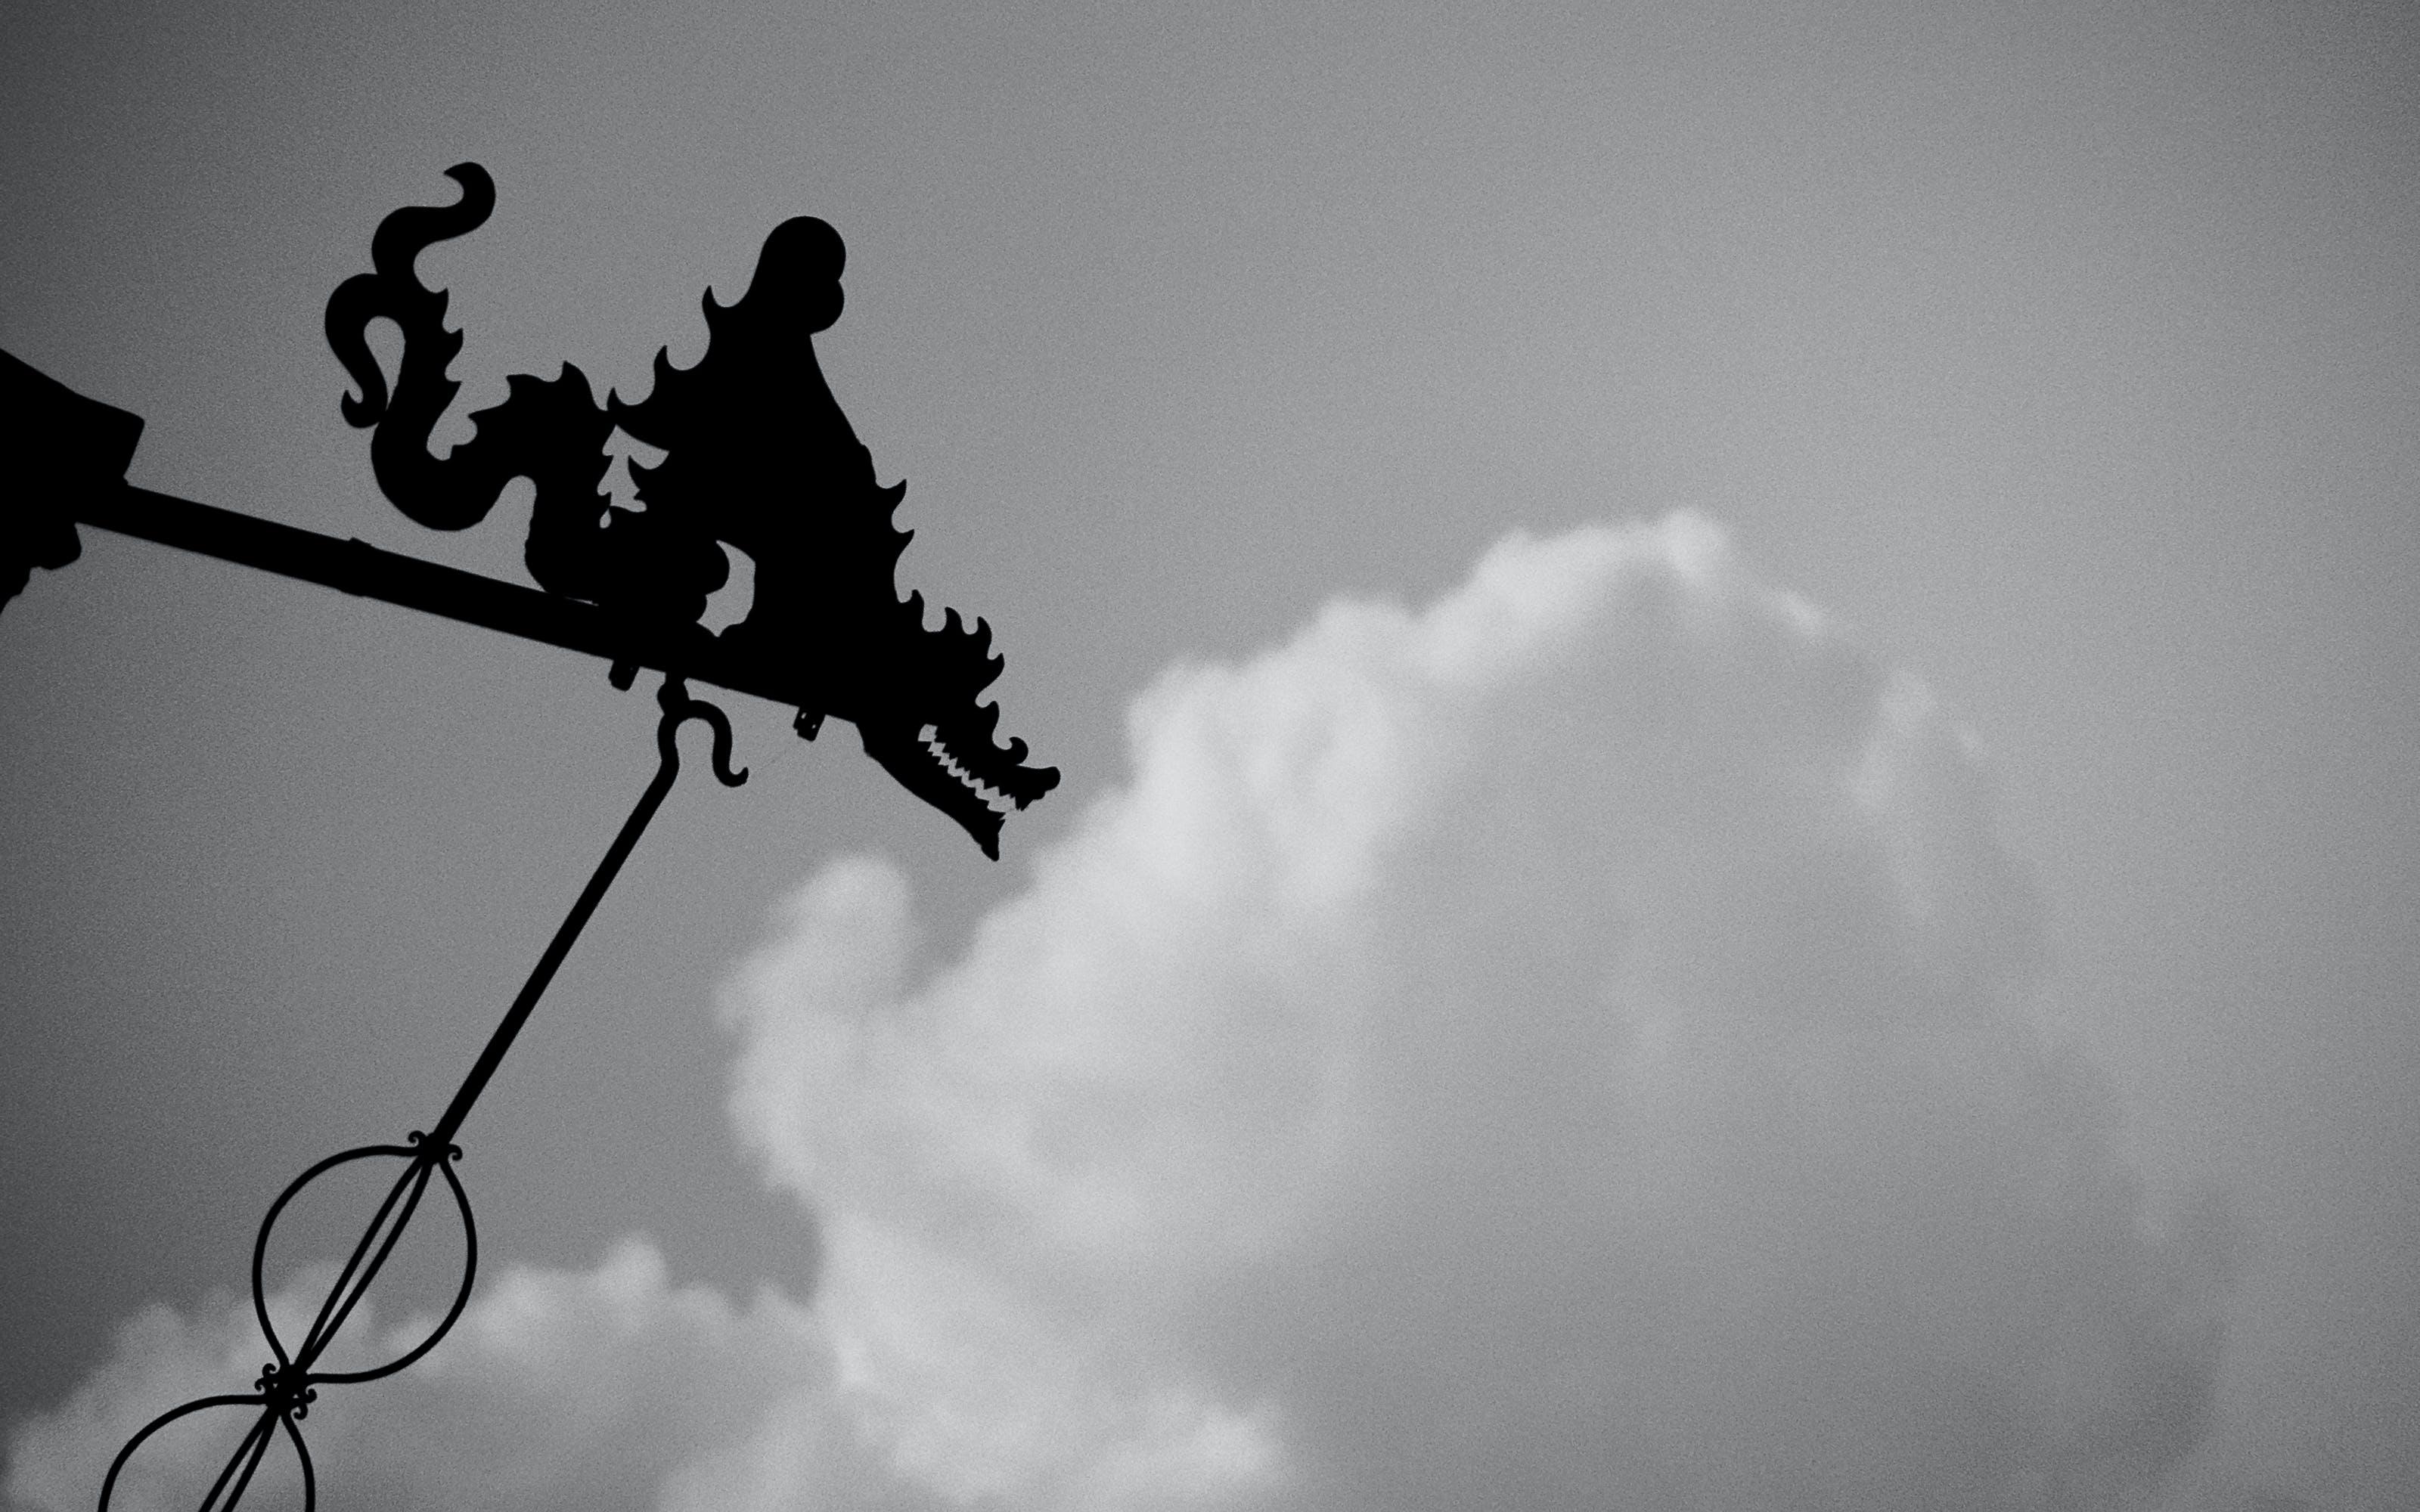 Kostenloses Stock Foto zu drachen, figuren, schwarz und weiß, wolke